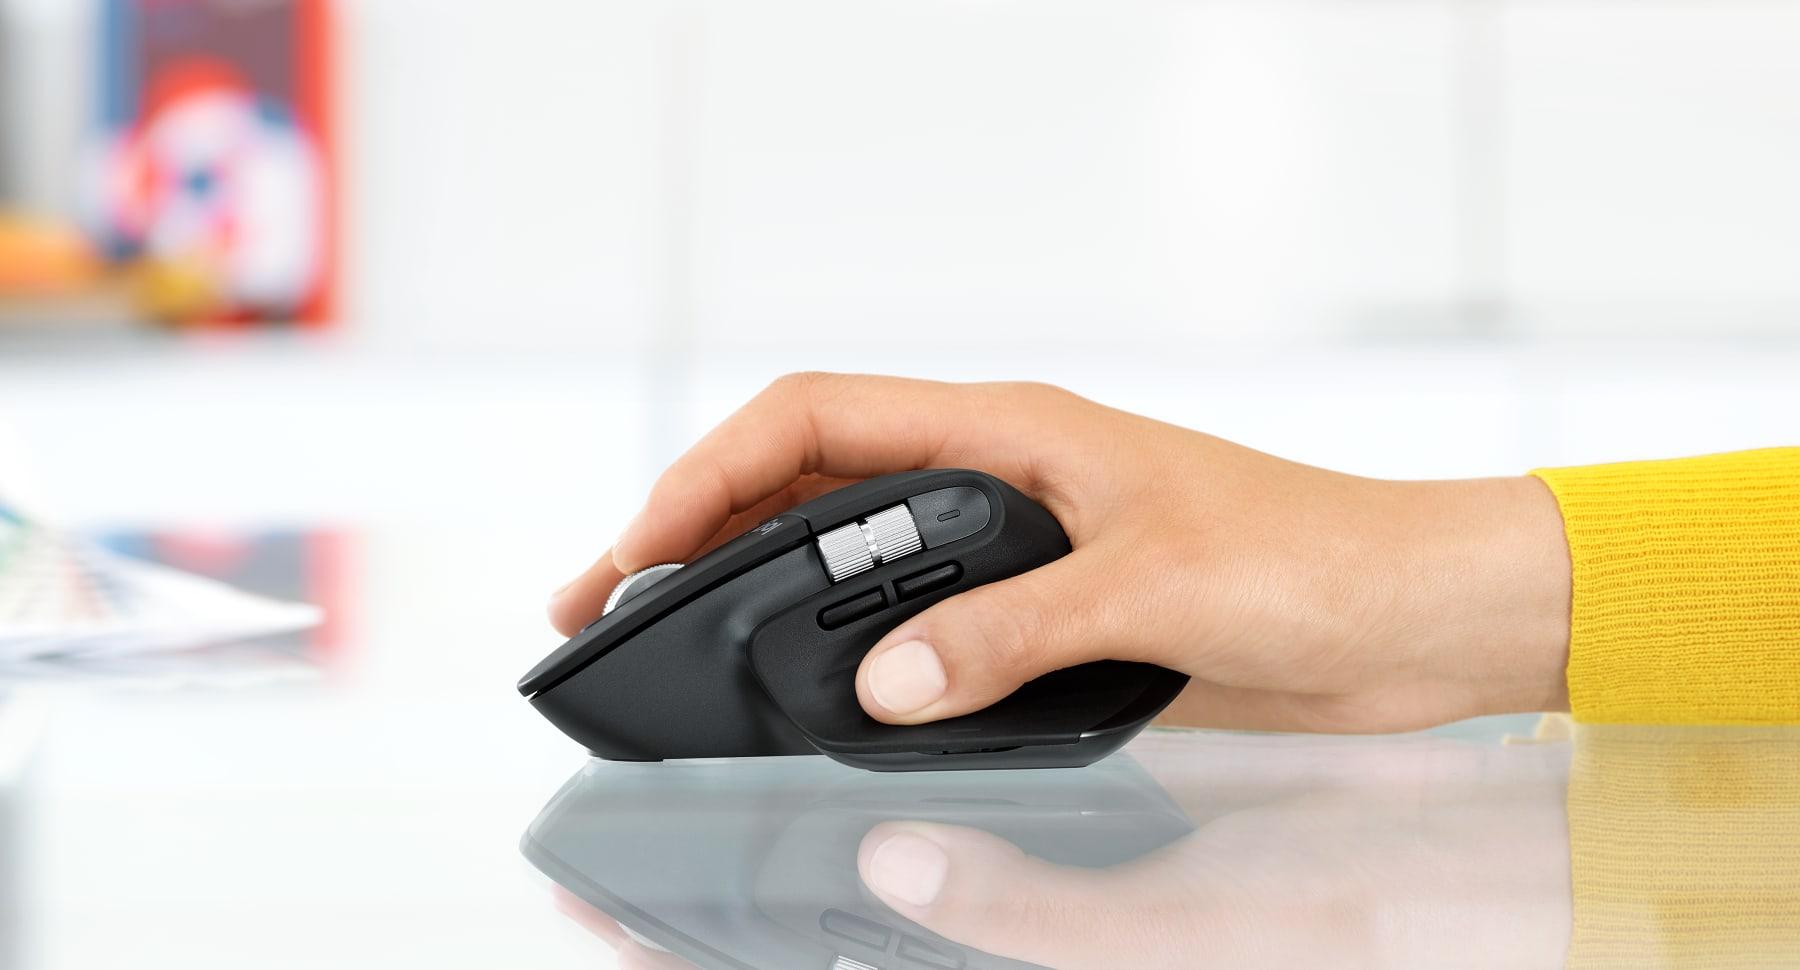 Chuột không dây Logitech MX Master 3 (USB/Bluetooth/Đen) có thiết kế thuận tay phải